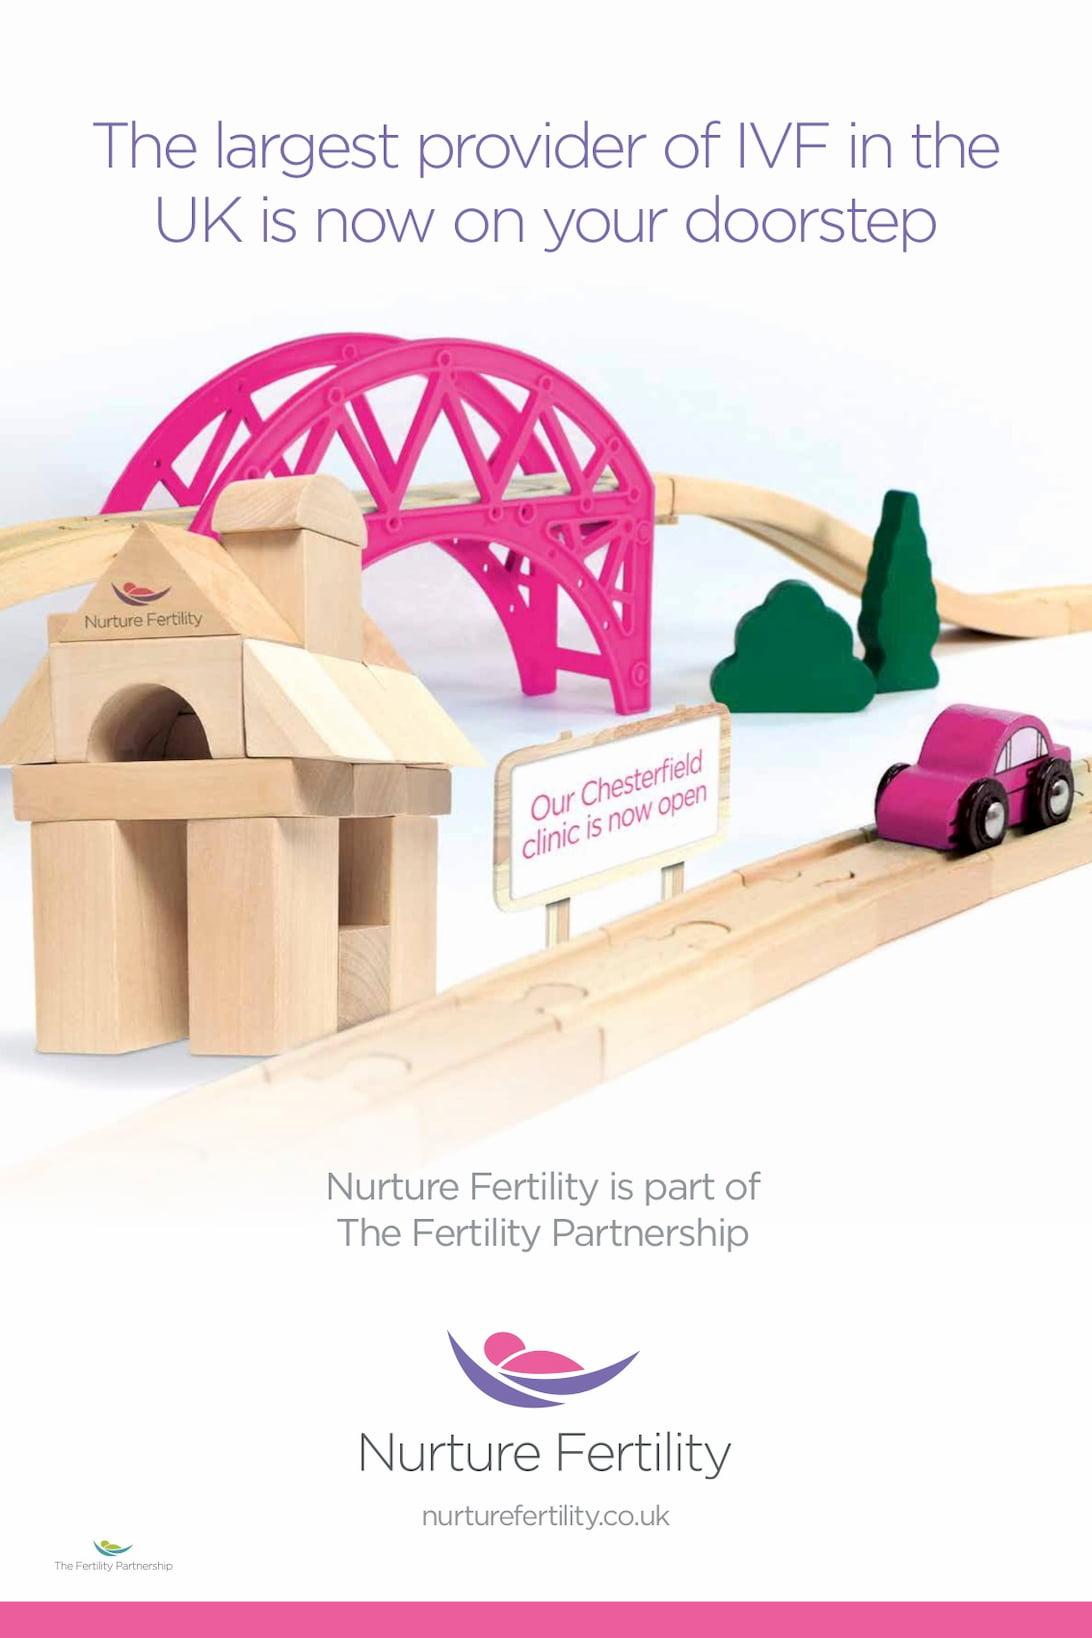 Nurture Fertility Image 2